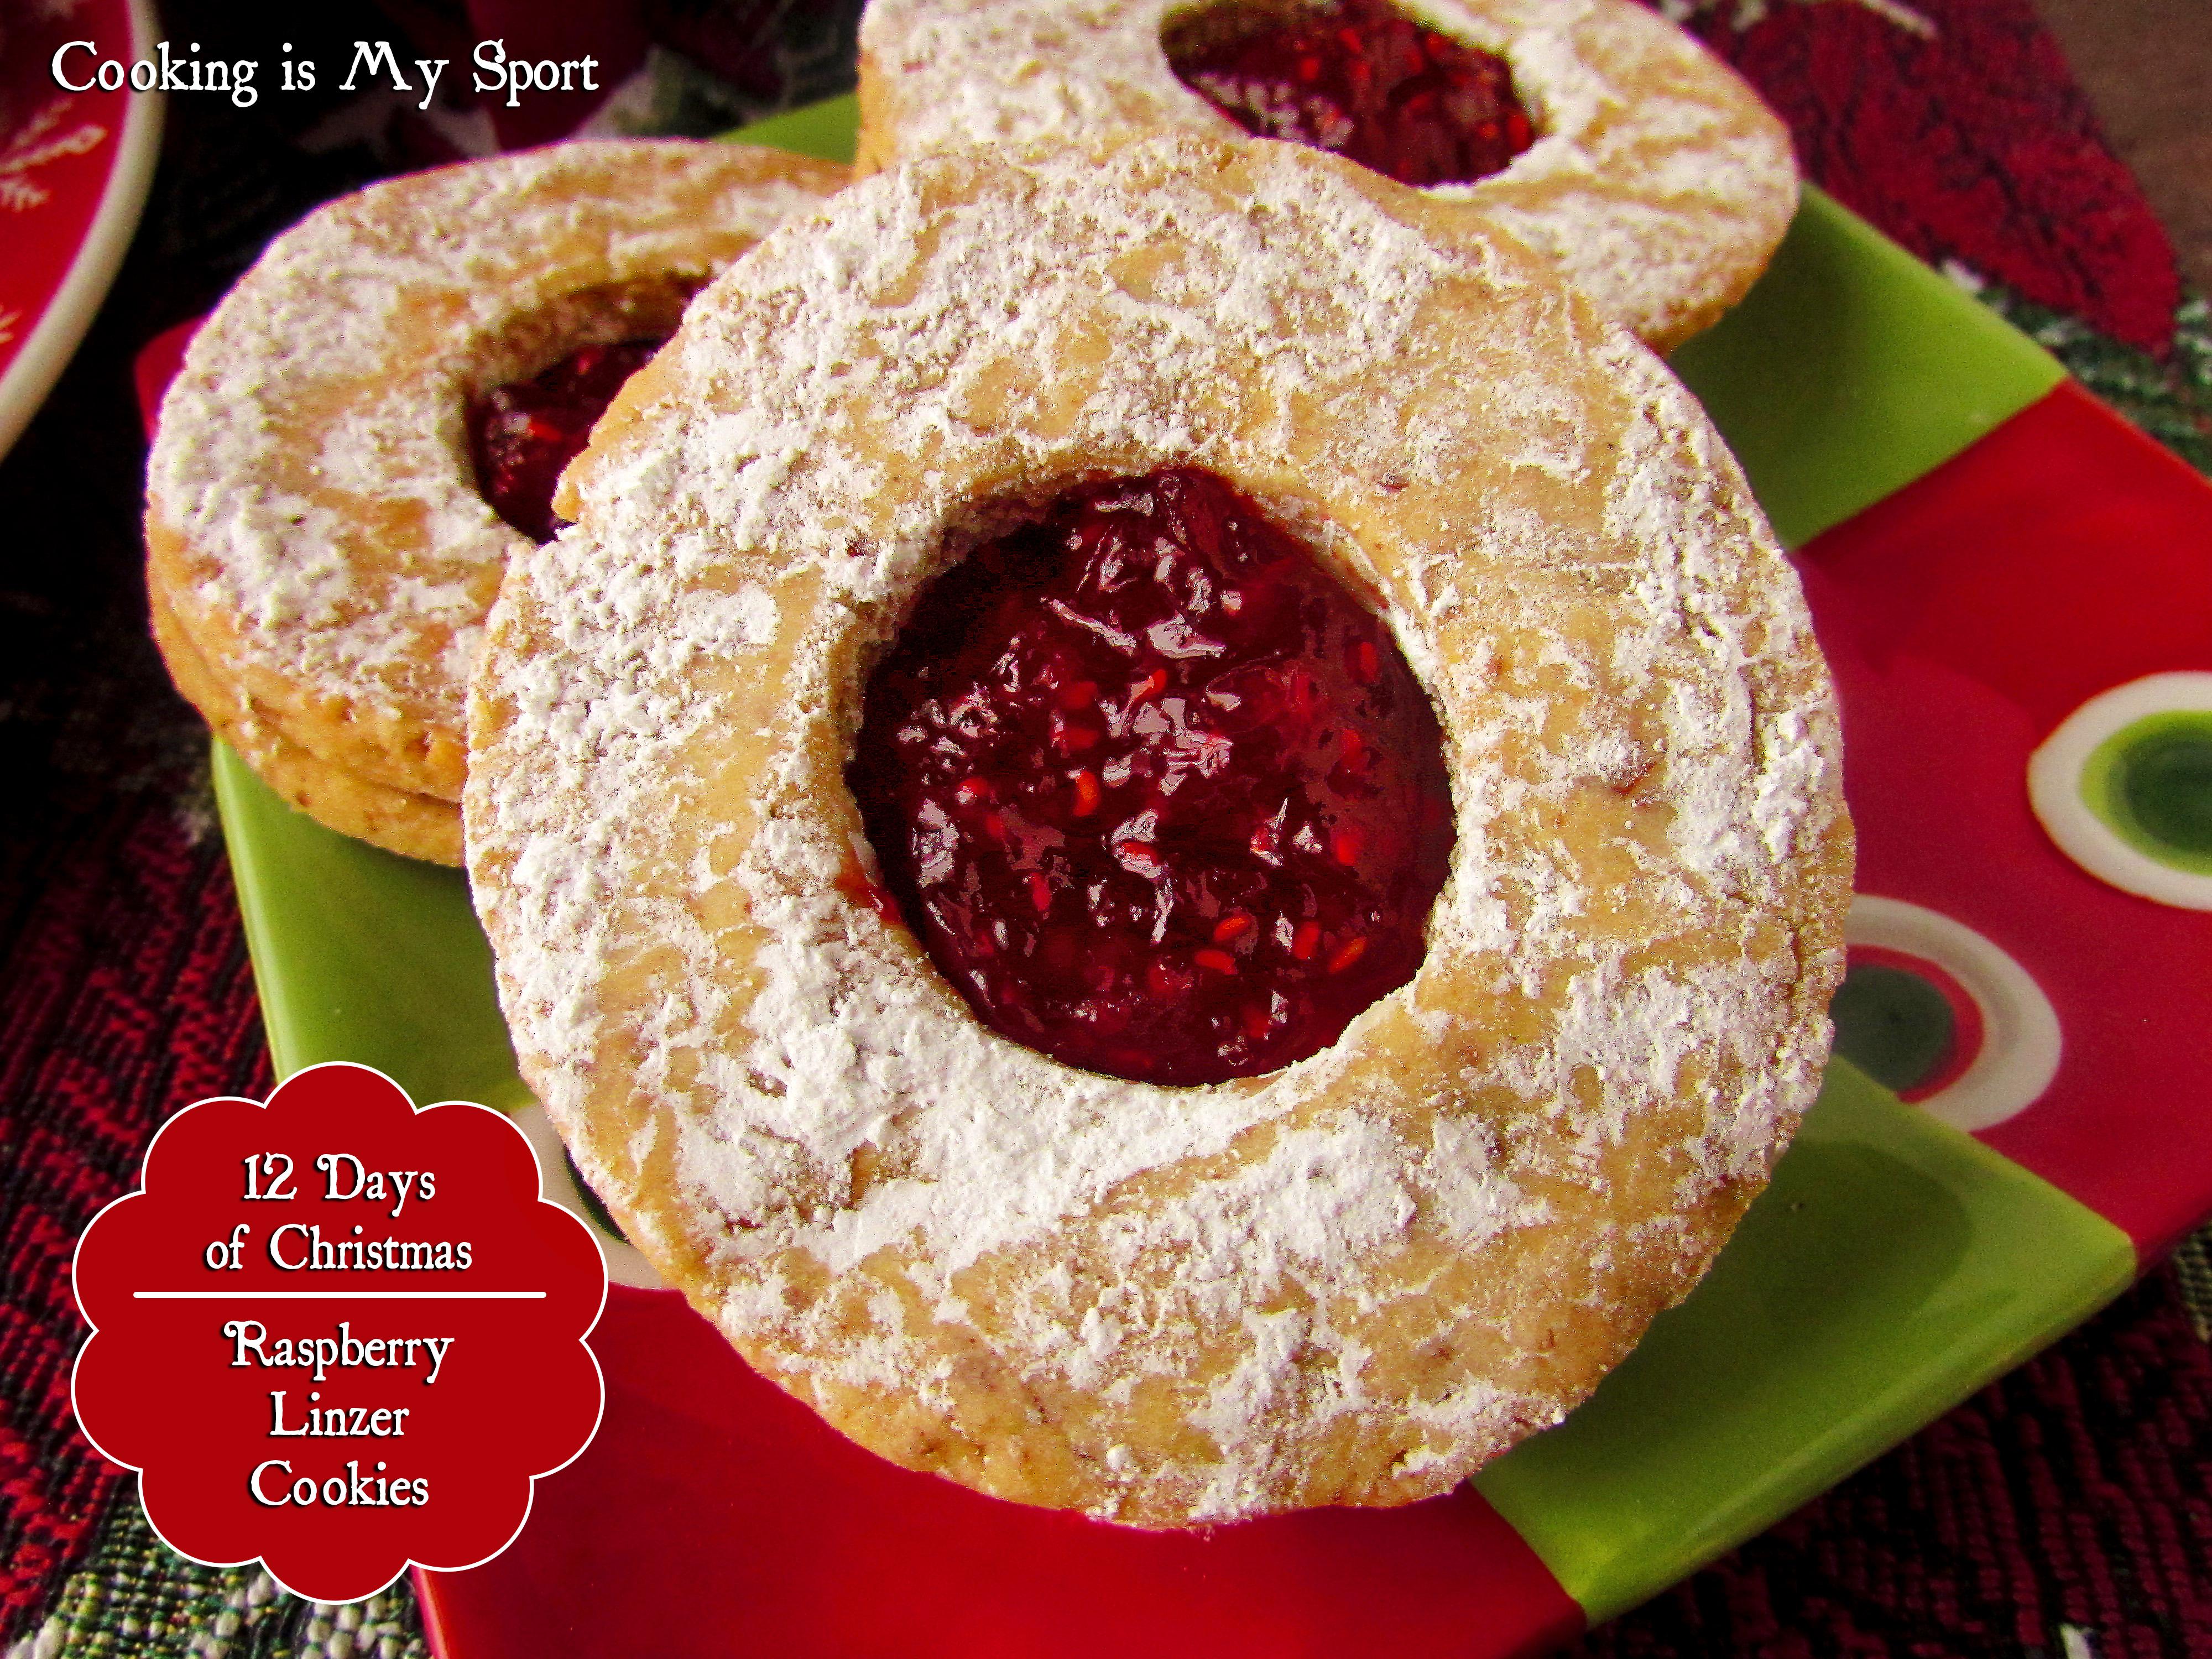 Raspberry Linzer Cookies1